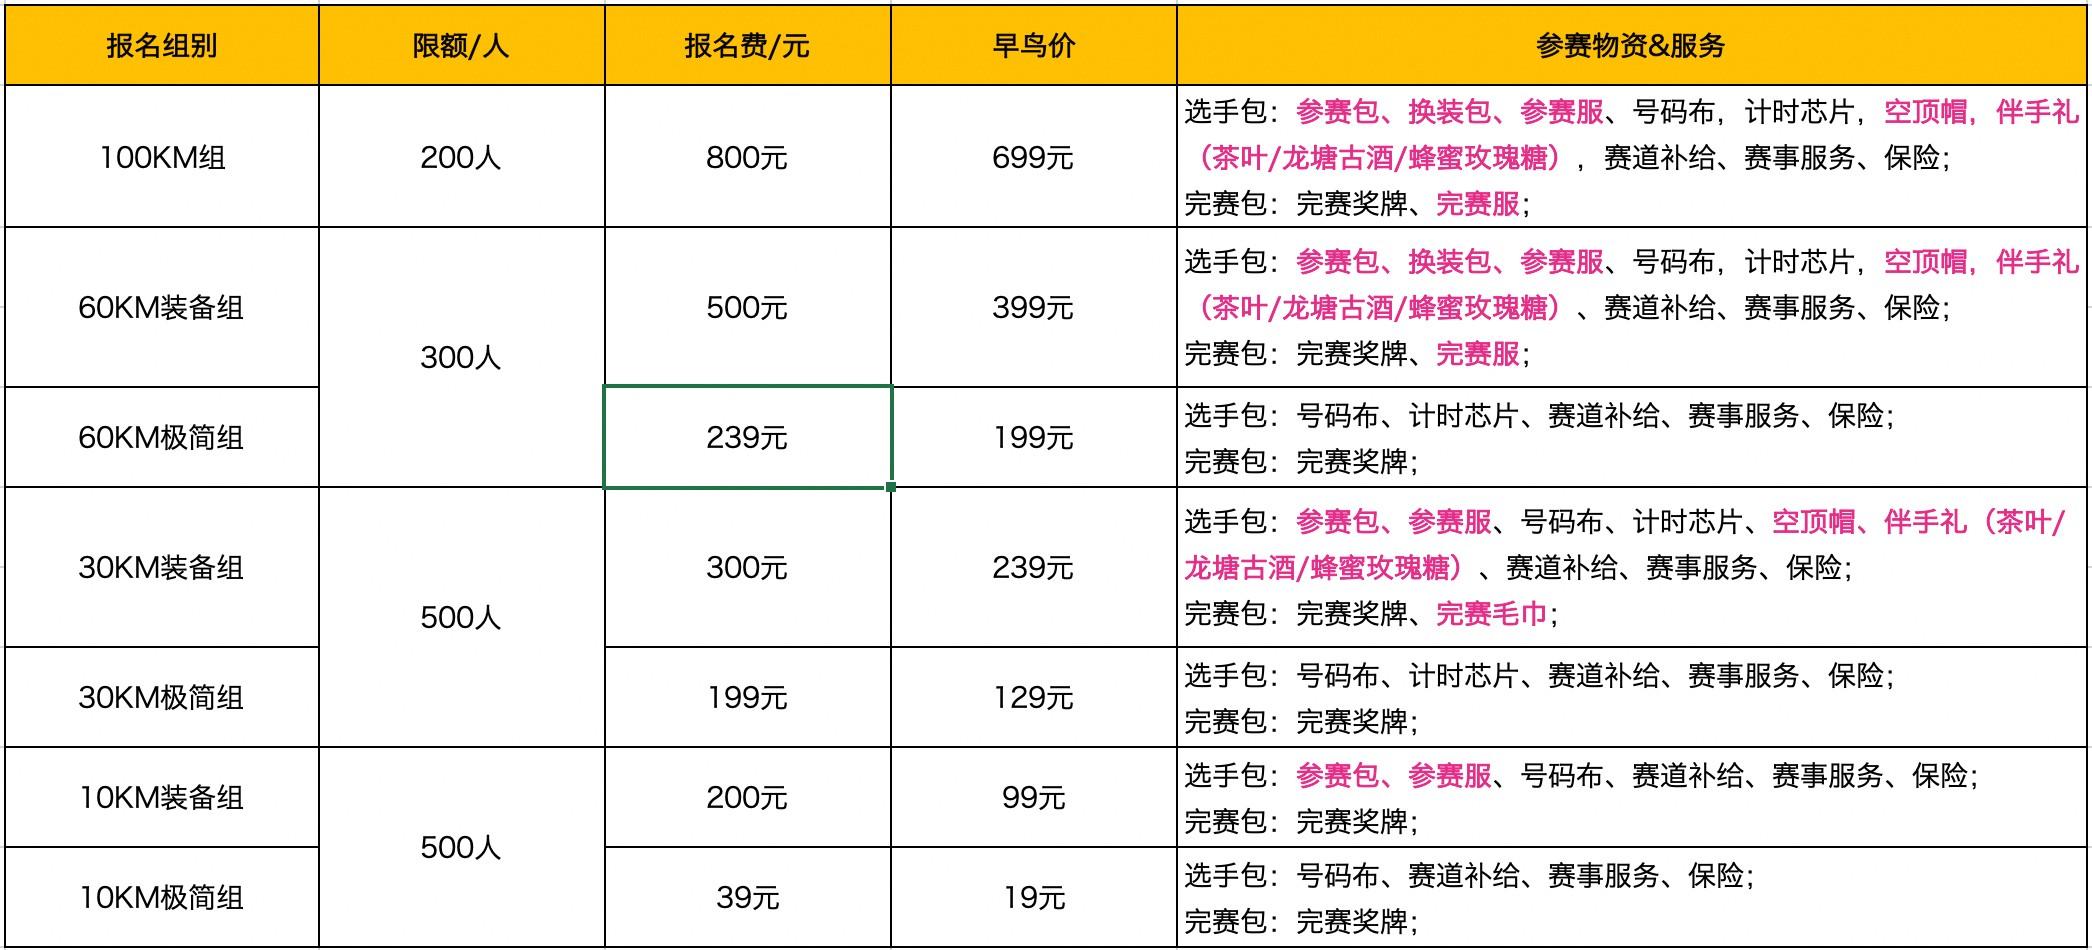 贵州越野赛 毕节越野赛 百里杜鹃越野赛 2019百里杜鹃国际越野跑挑战赛